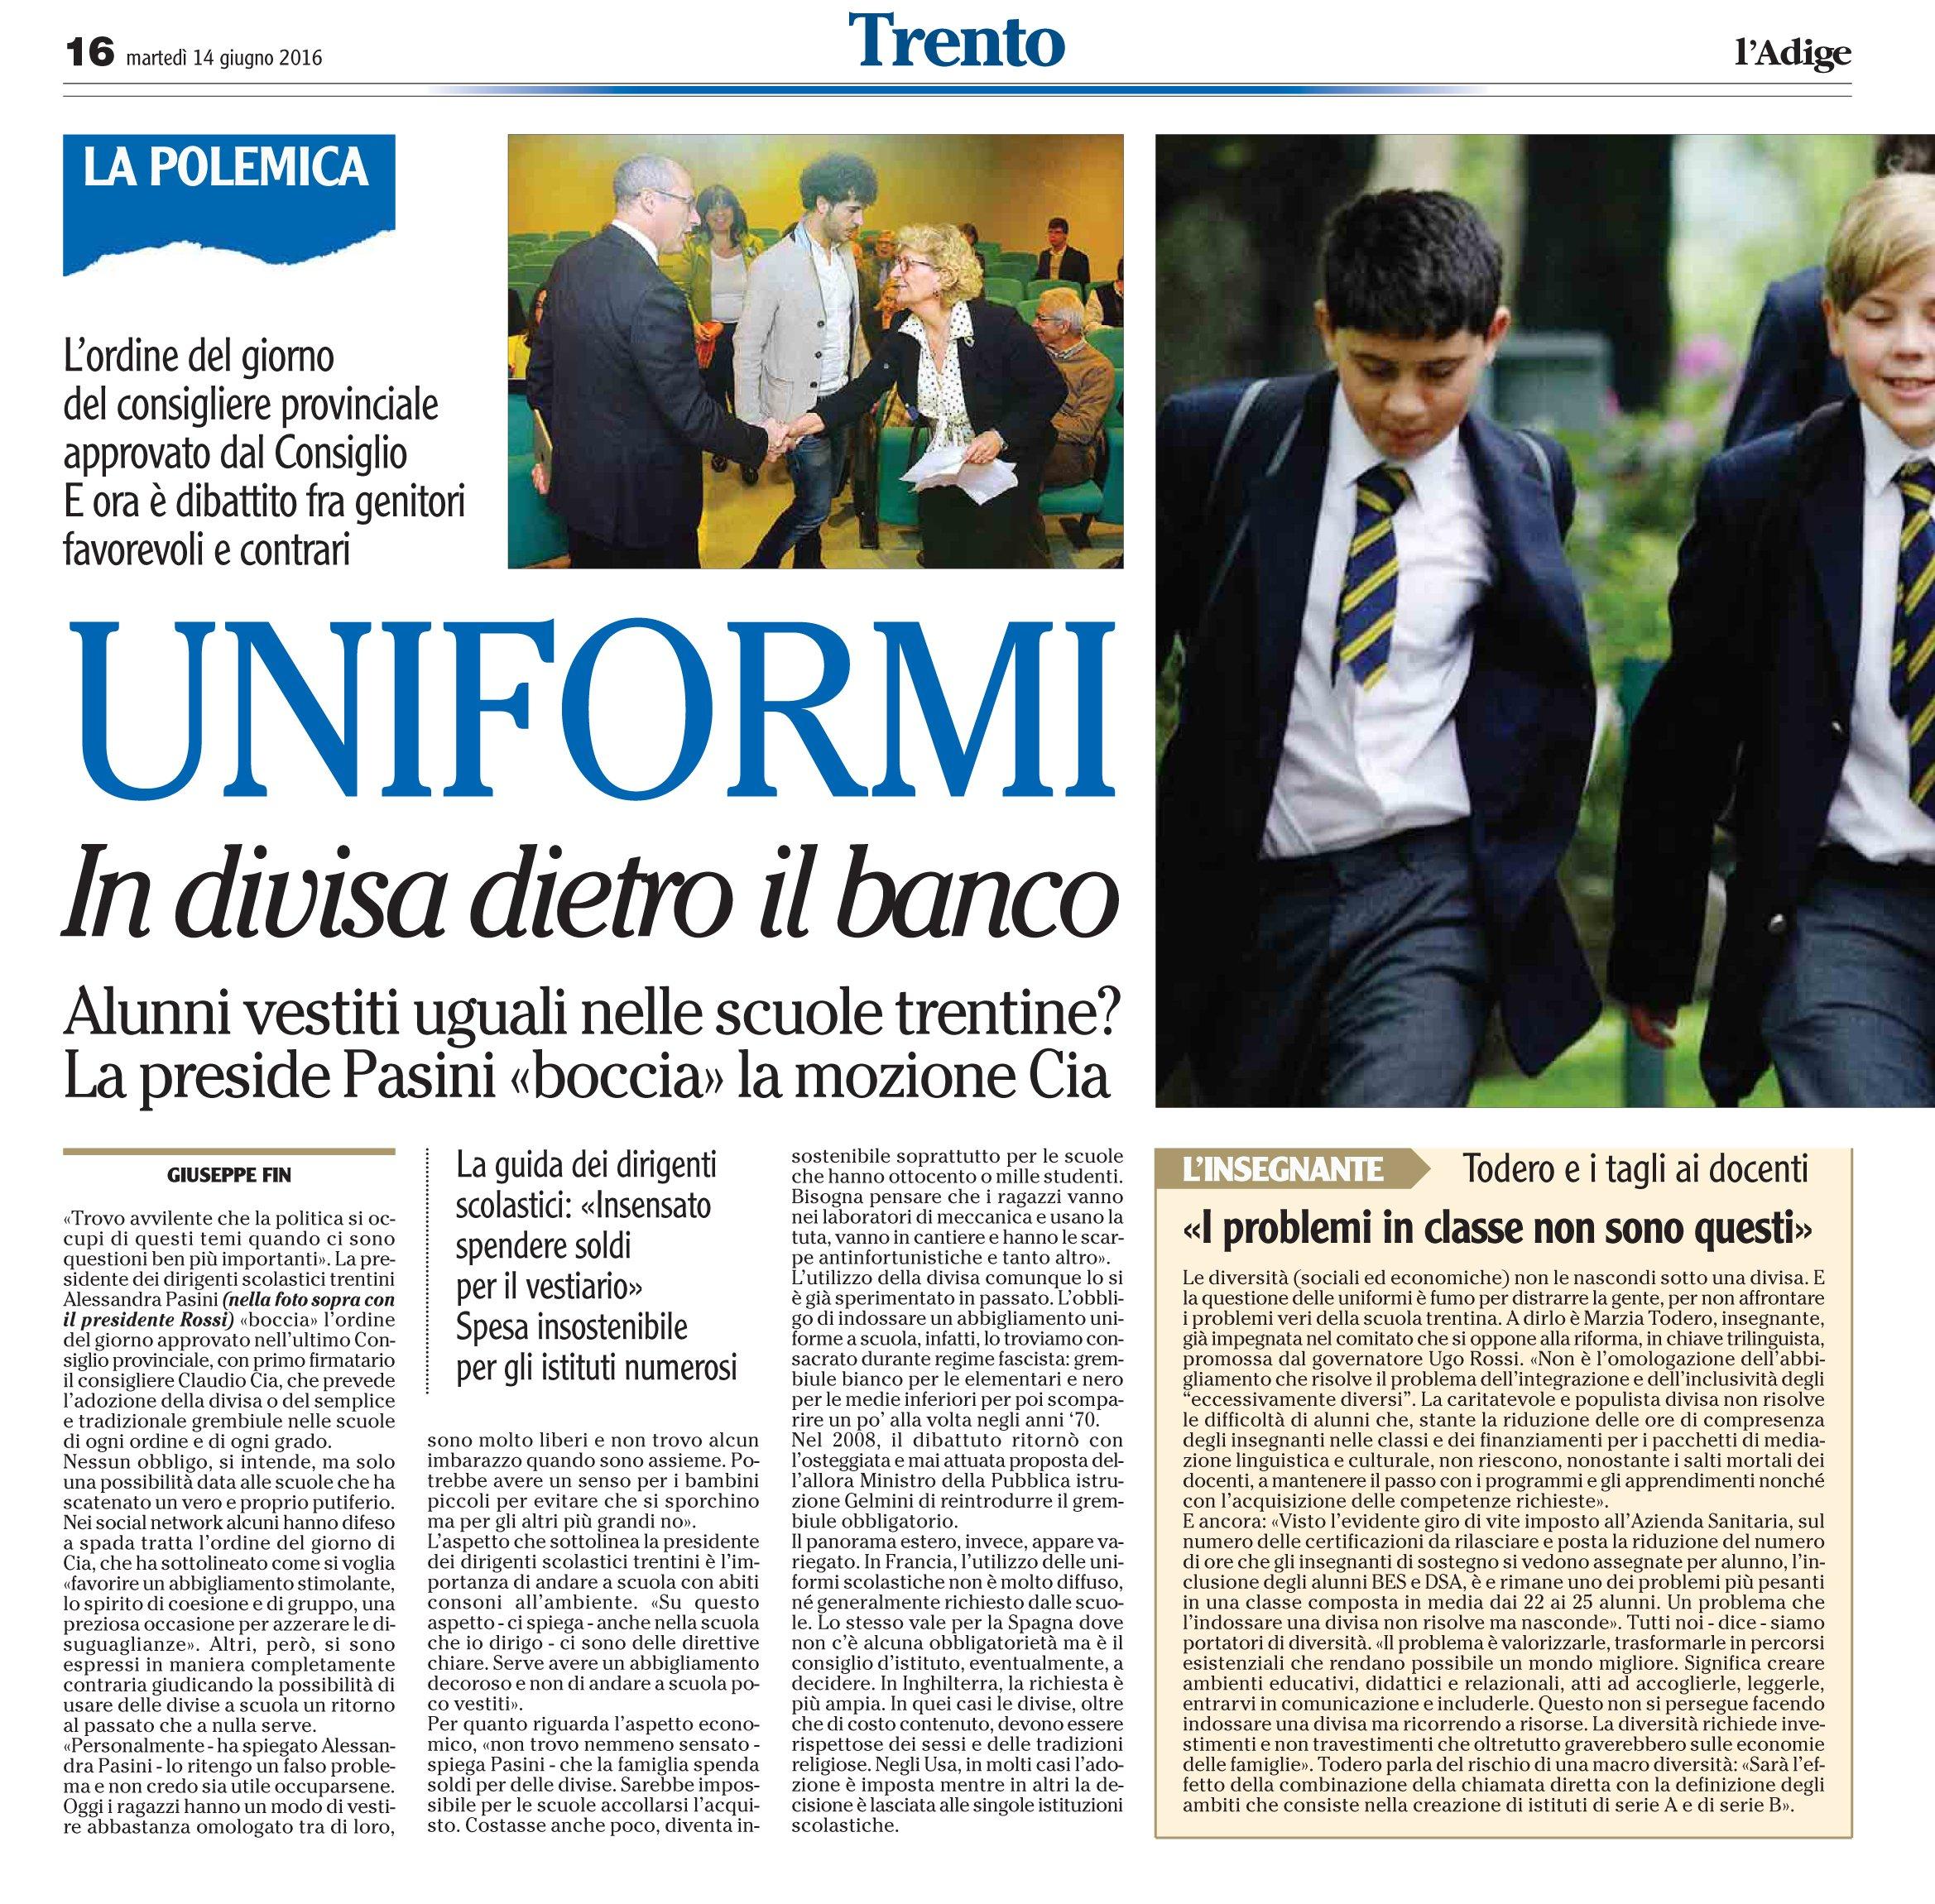 """5ae052da16fc Claudio Cia risponde alla dirigente Pasini che aveva """"bocciato"""" le ..."""